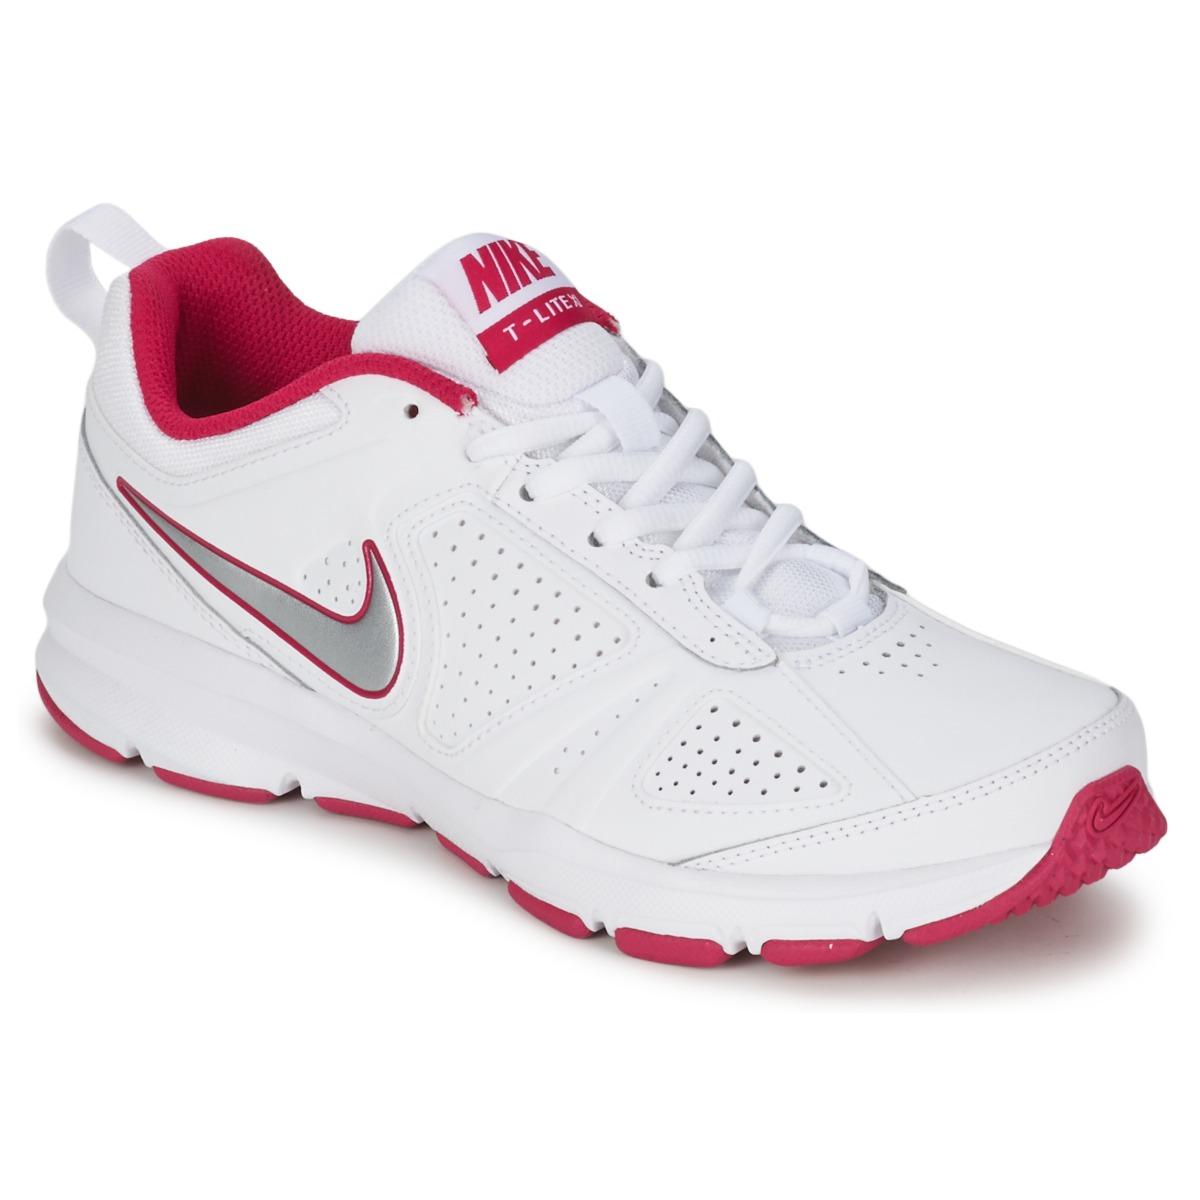 scarpe di ginnastica uomo nike